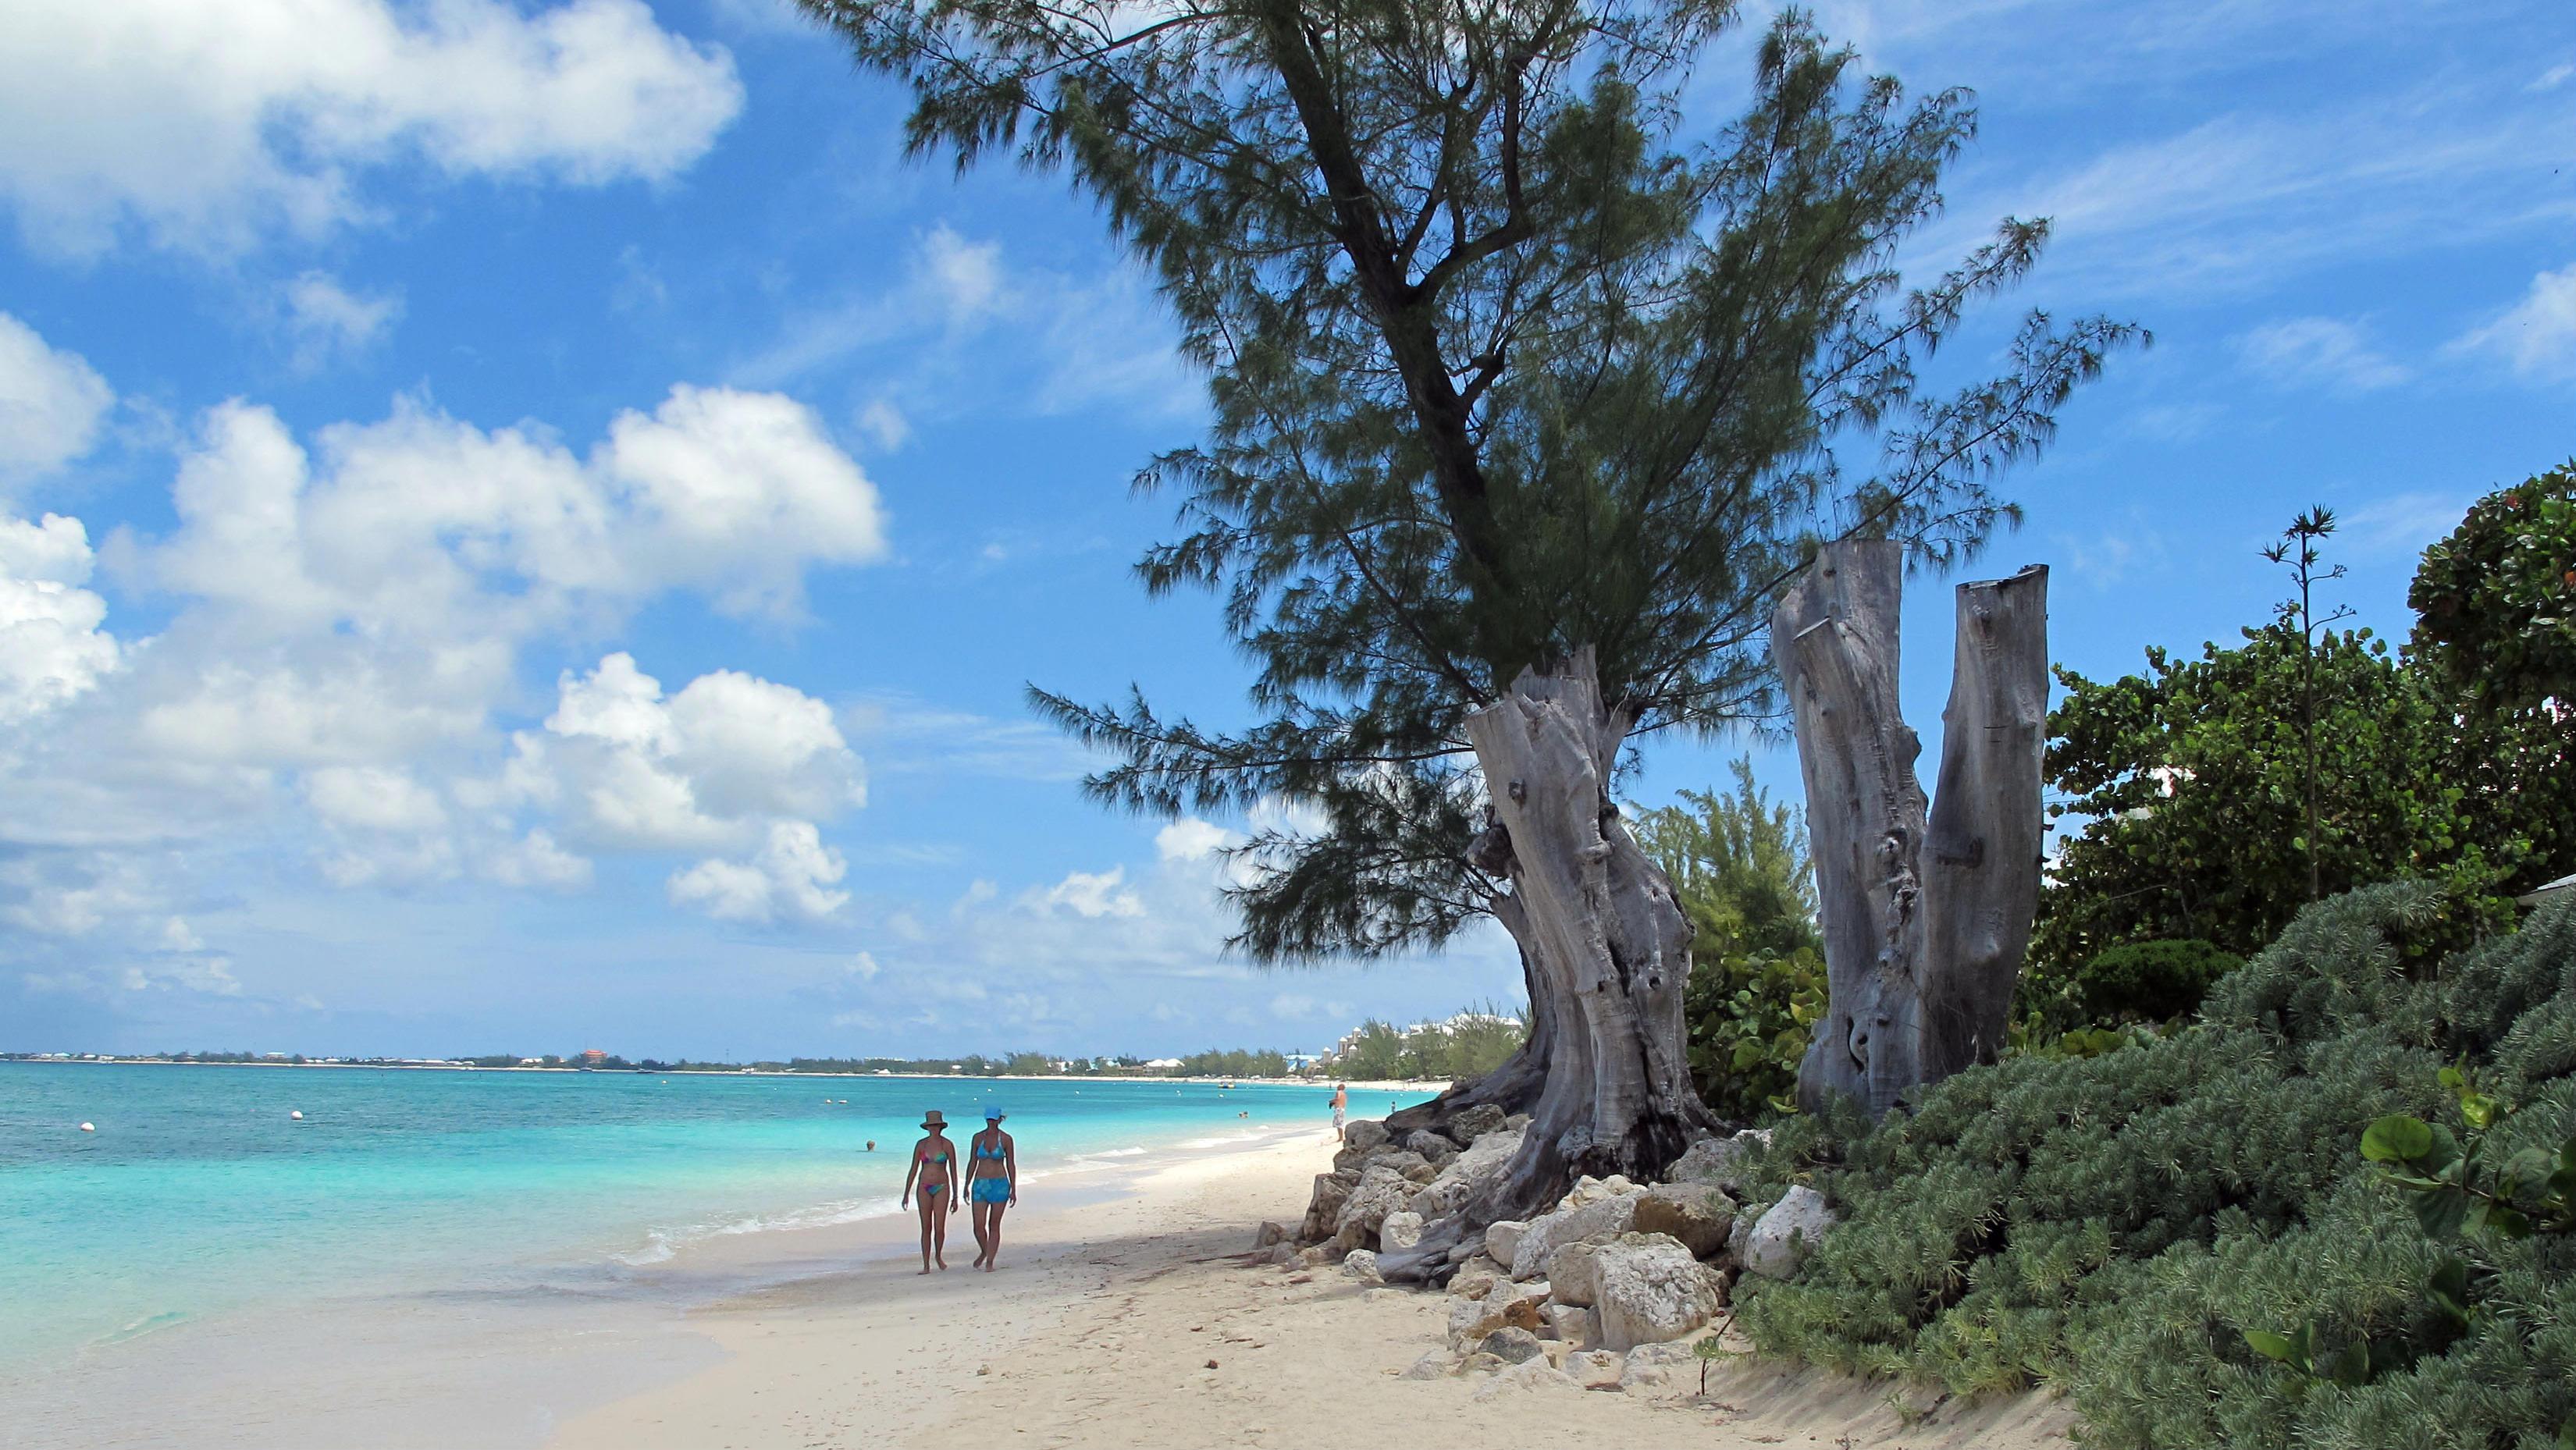 Caymans beach